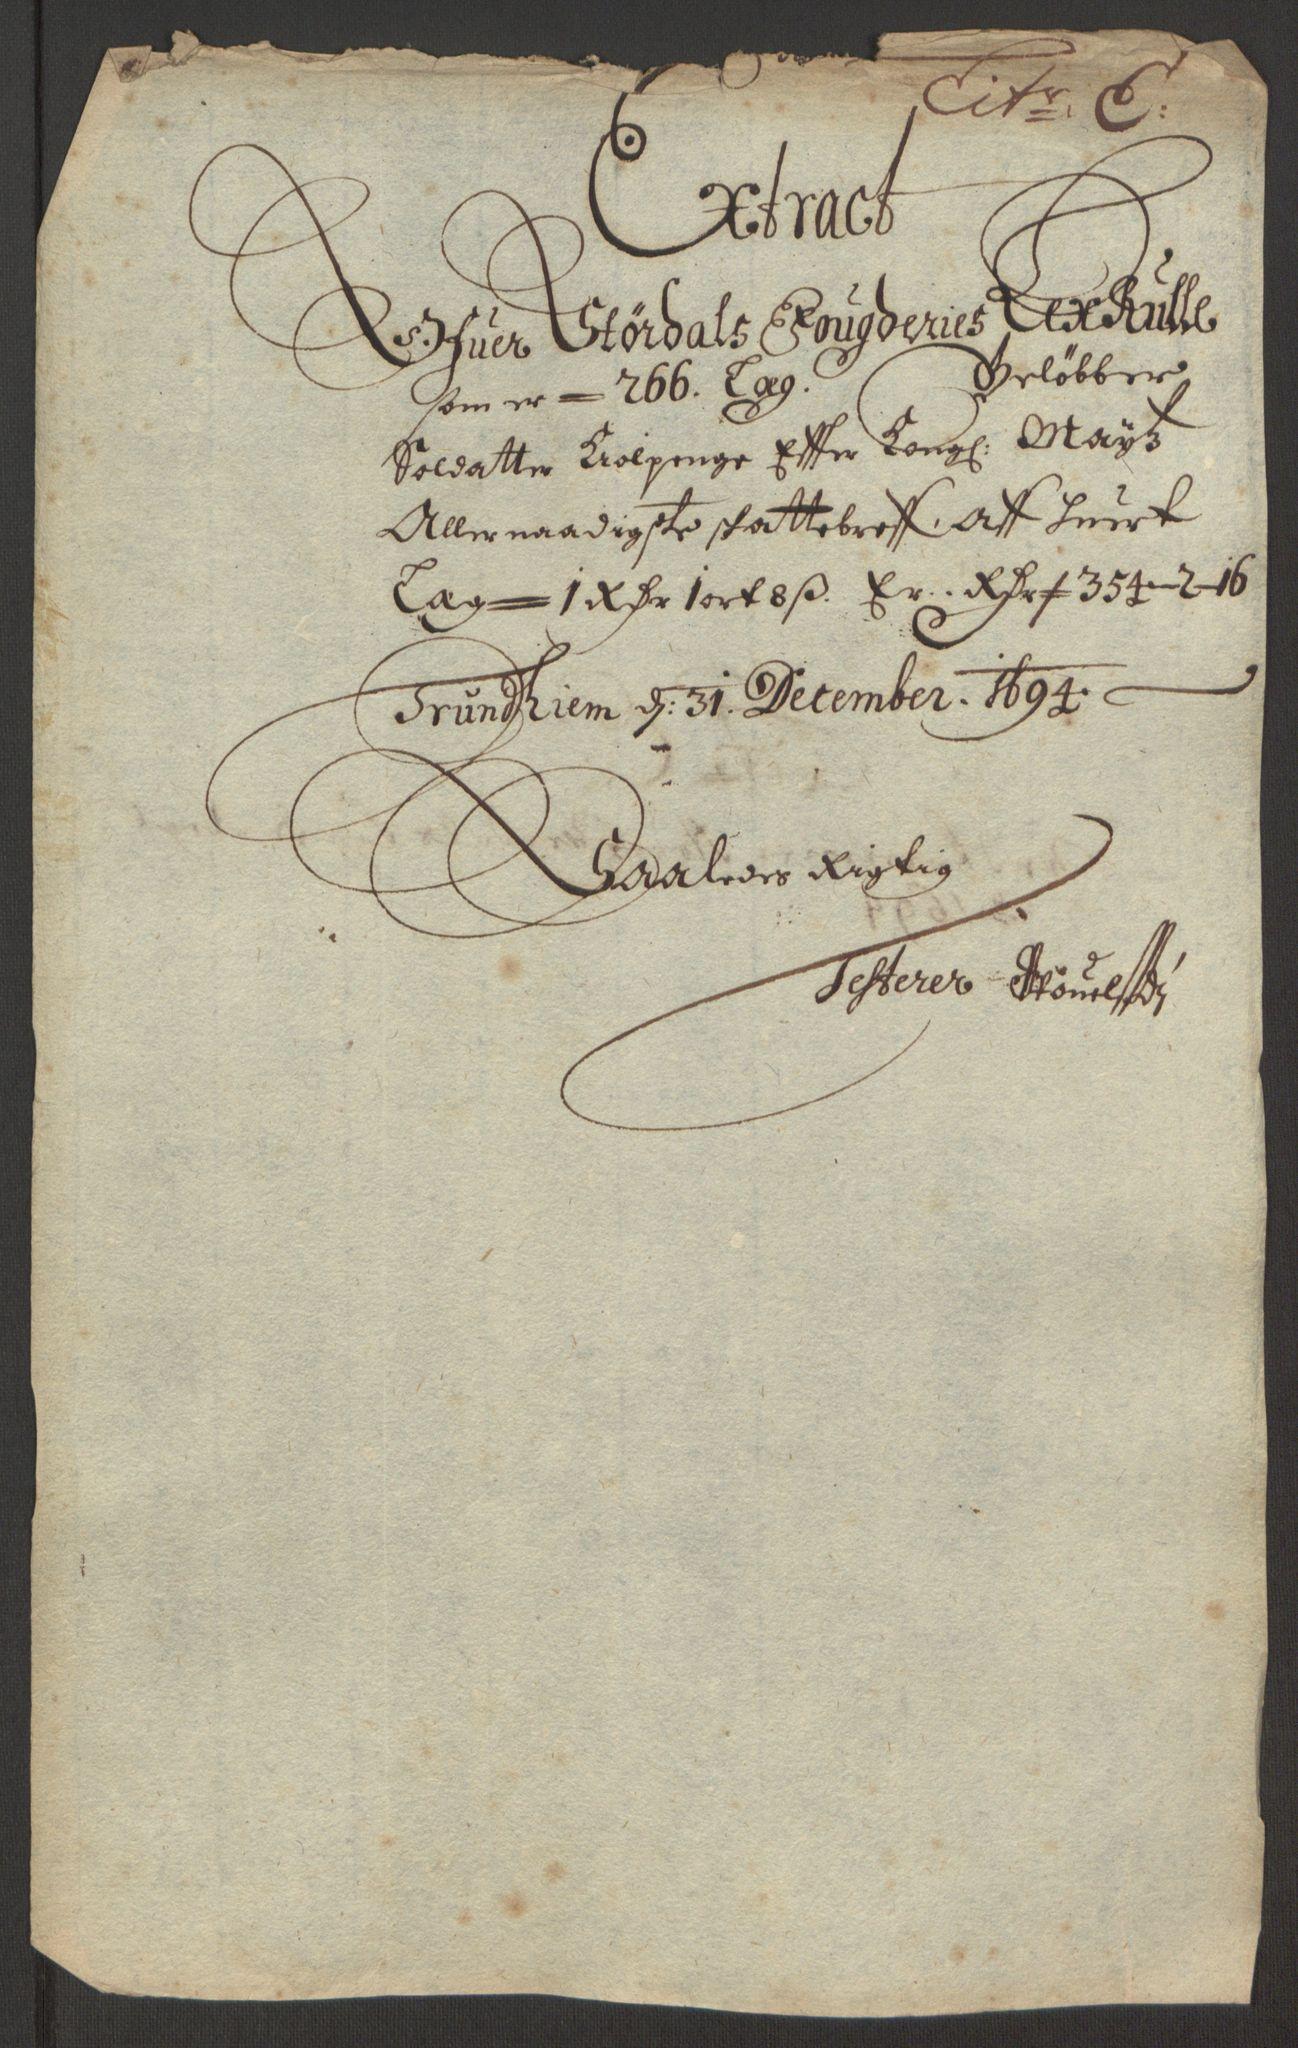 RA, Rentekammeret inntil 1814, Reviderte regnskaper, Fogderegnskap, R62/L4186: Fogderegnskap Stjørdal og Verdal, 1693-1694, s. 205